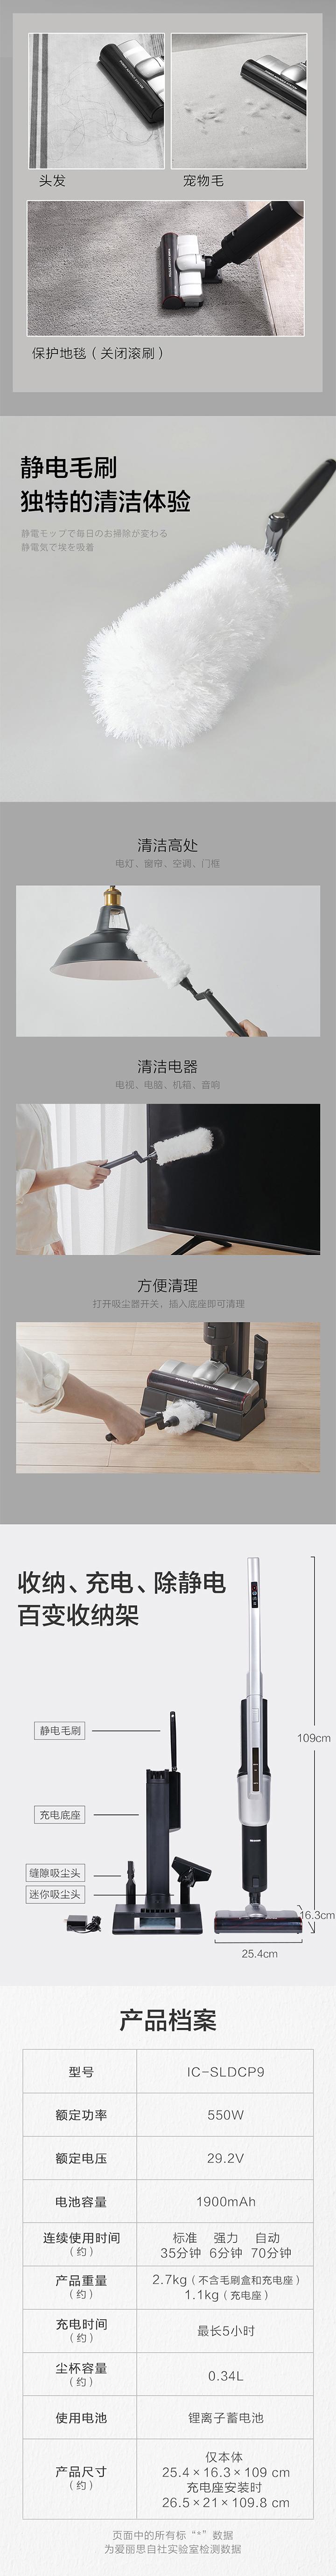 爱丽思手持大吸力吸尘器免费试用,评测